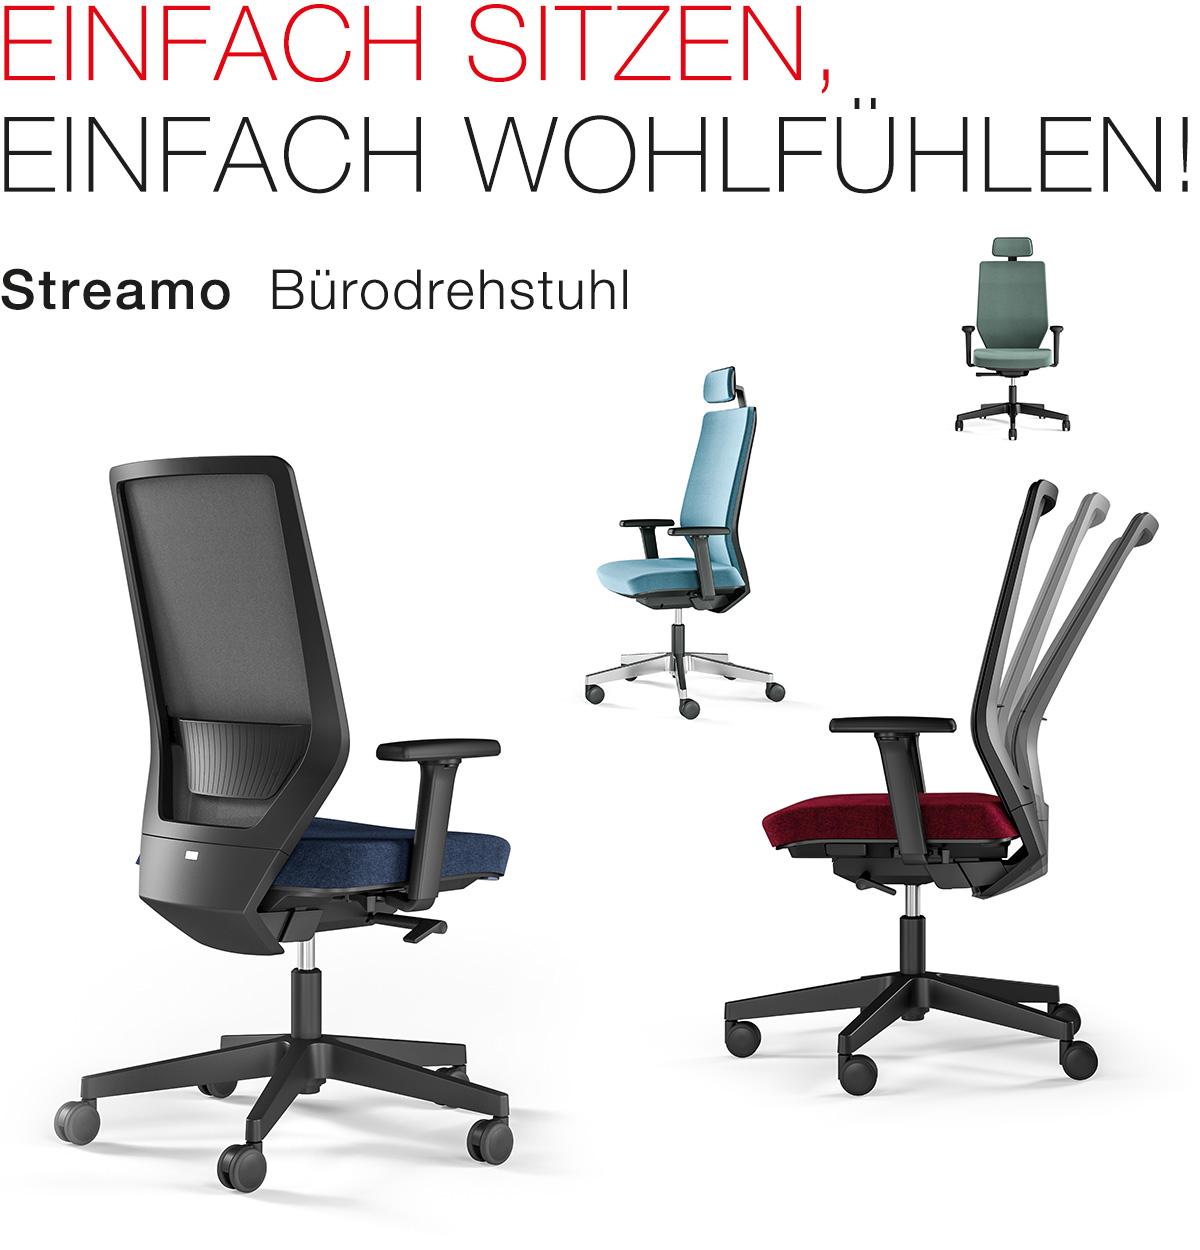 Streamo – Einfach sitzen, einfach wohlfühlen!